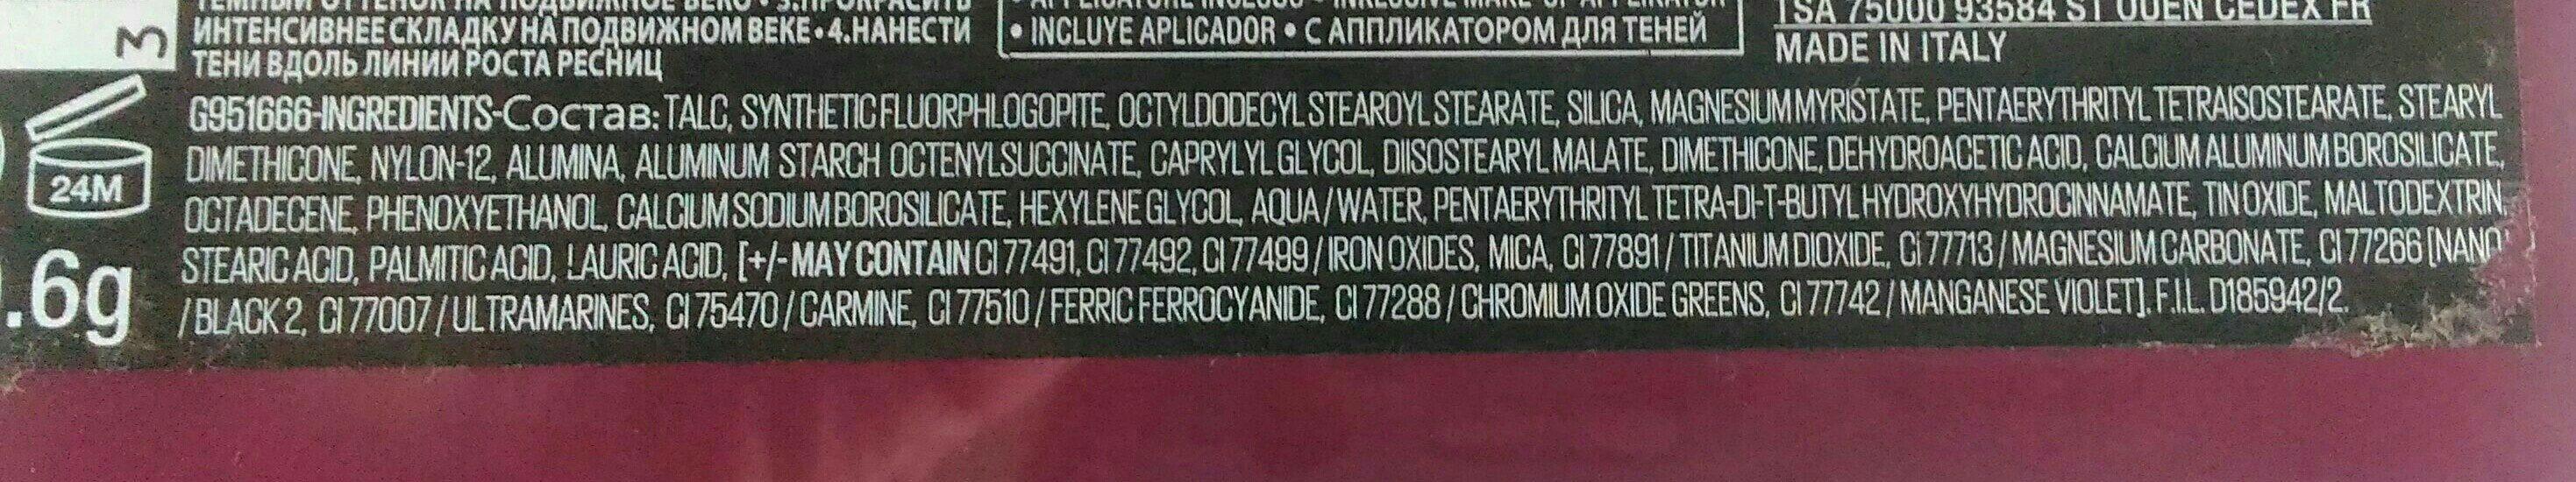 Maybelline Maybelline the Nudes Burgundy Eyeshadow Palette 9.6G - Ingredients